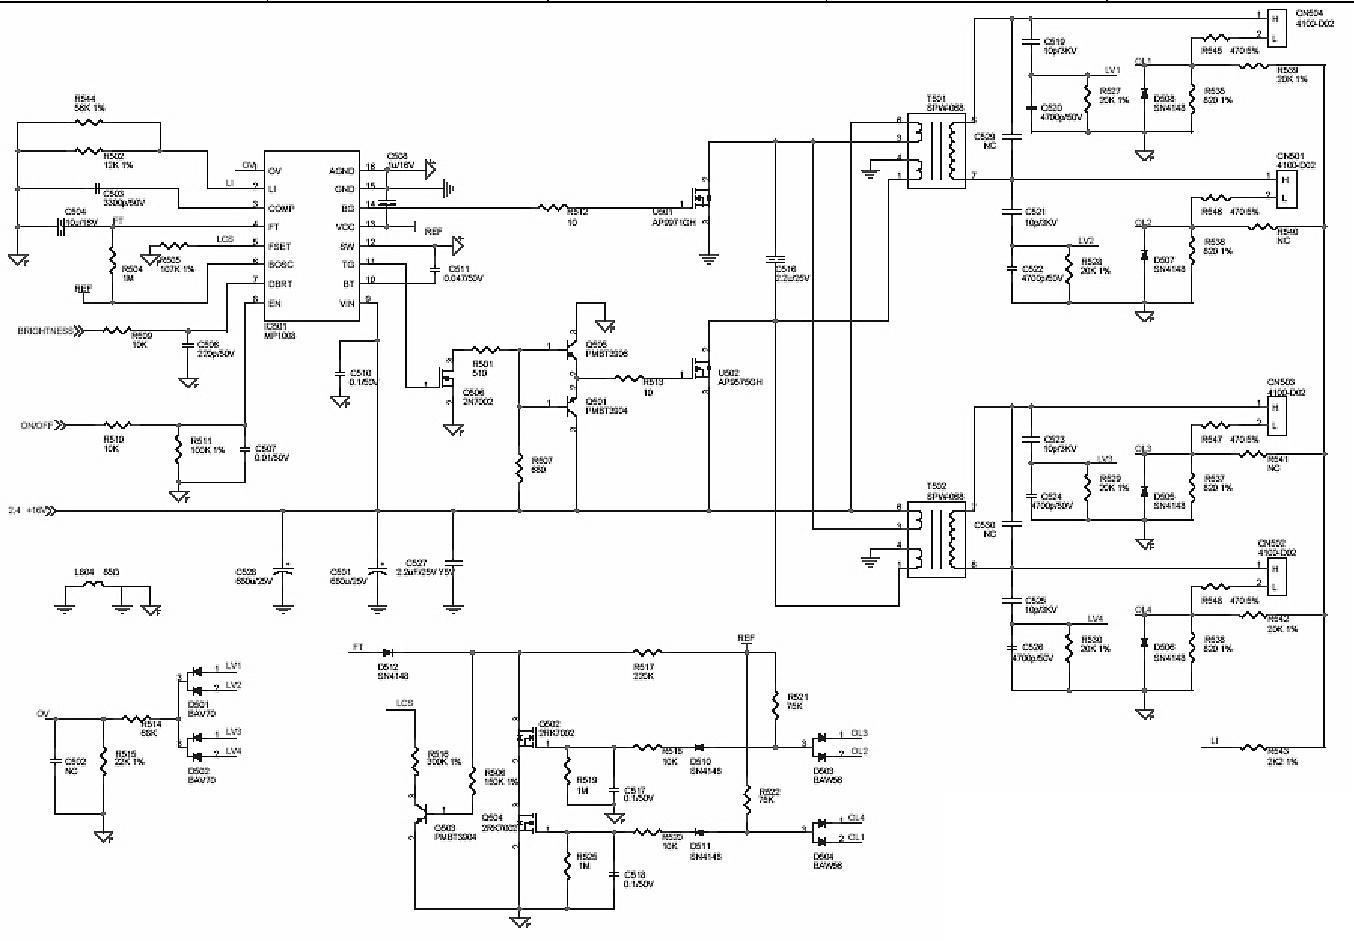 Схемы жк мониторов lg flatron